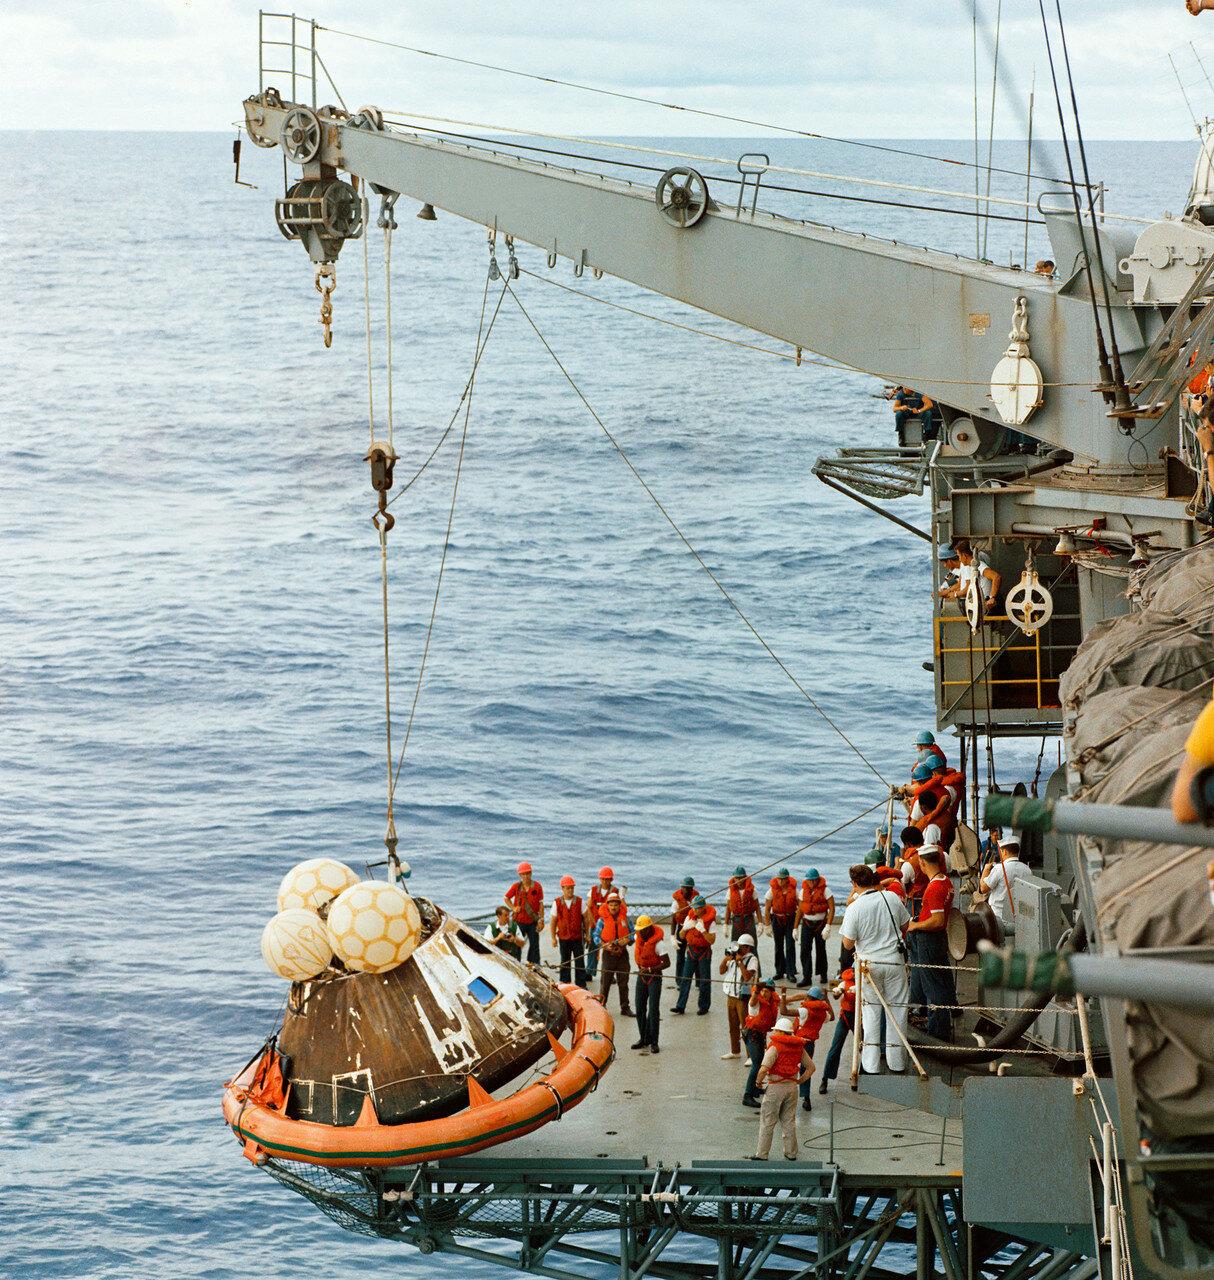 Все члены экипажа «Аполлон-13» были спасены и доставлены самолётом в Гонолулу на Гавайские острова. На снимке: Спускаемый аппарат поднимают на «Иводзиму»